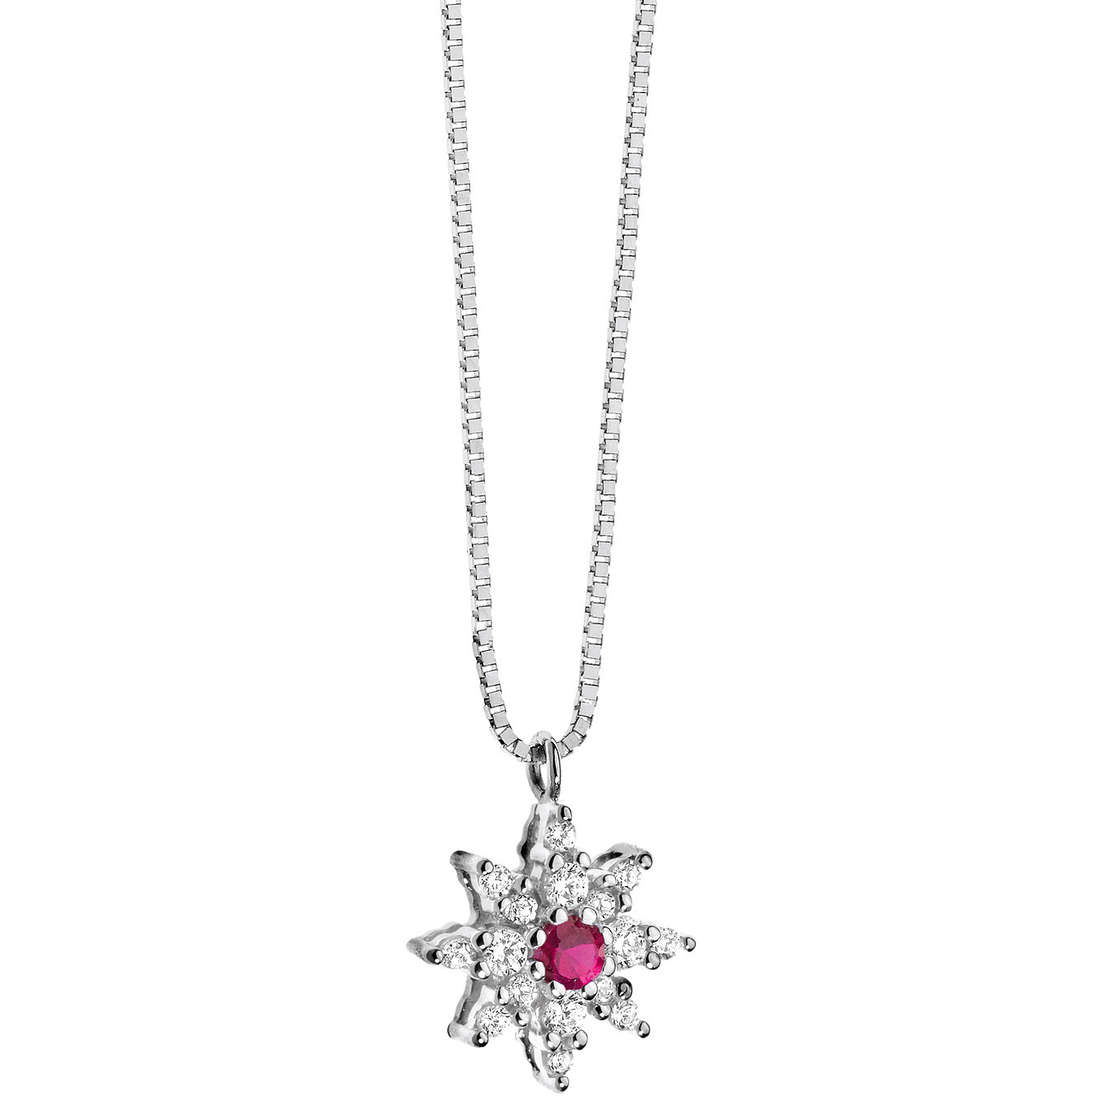 collana donna gioielli Comete Pietre preziose colorate GLB 781